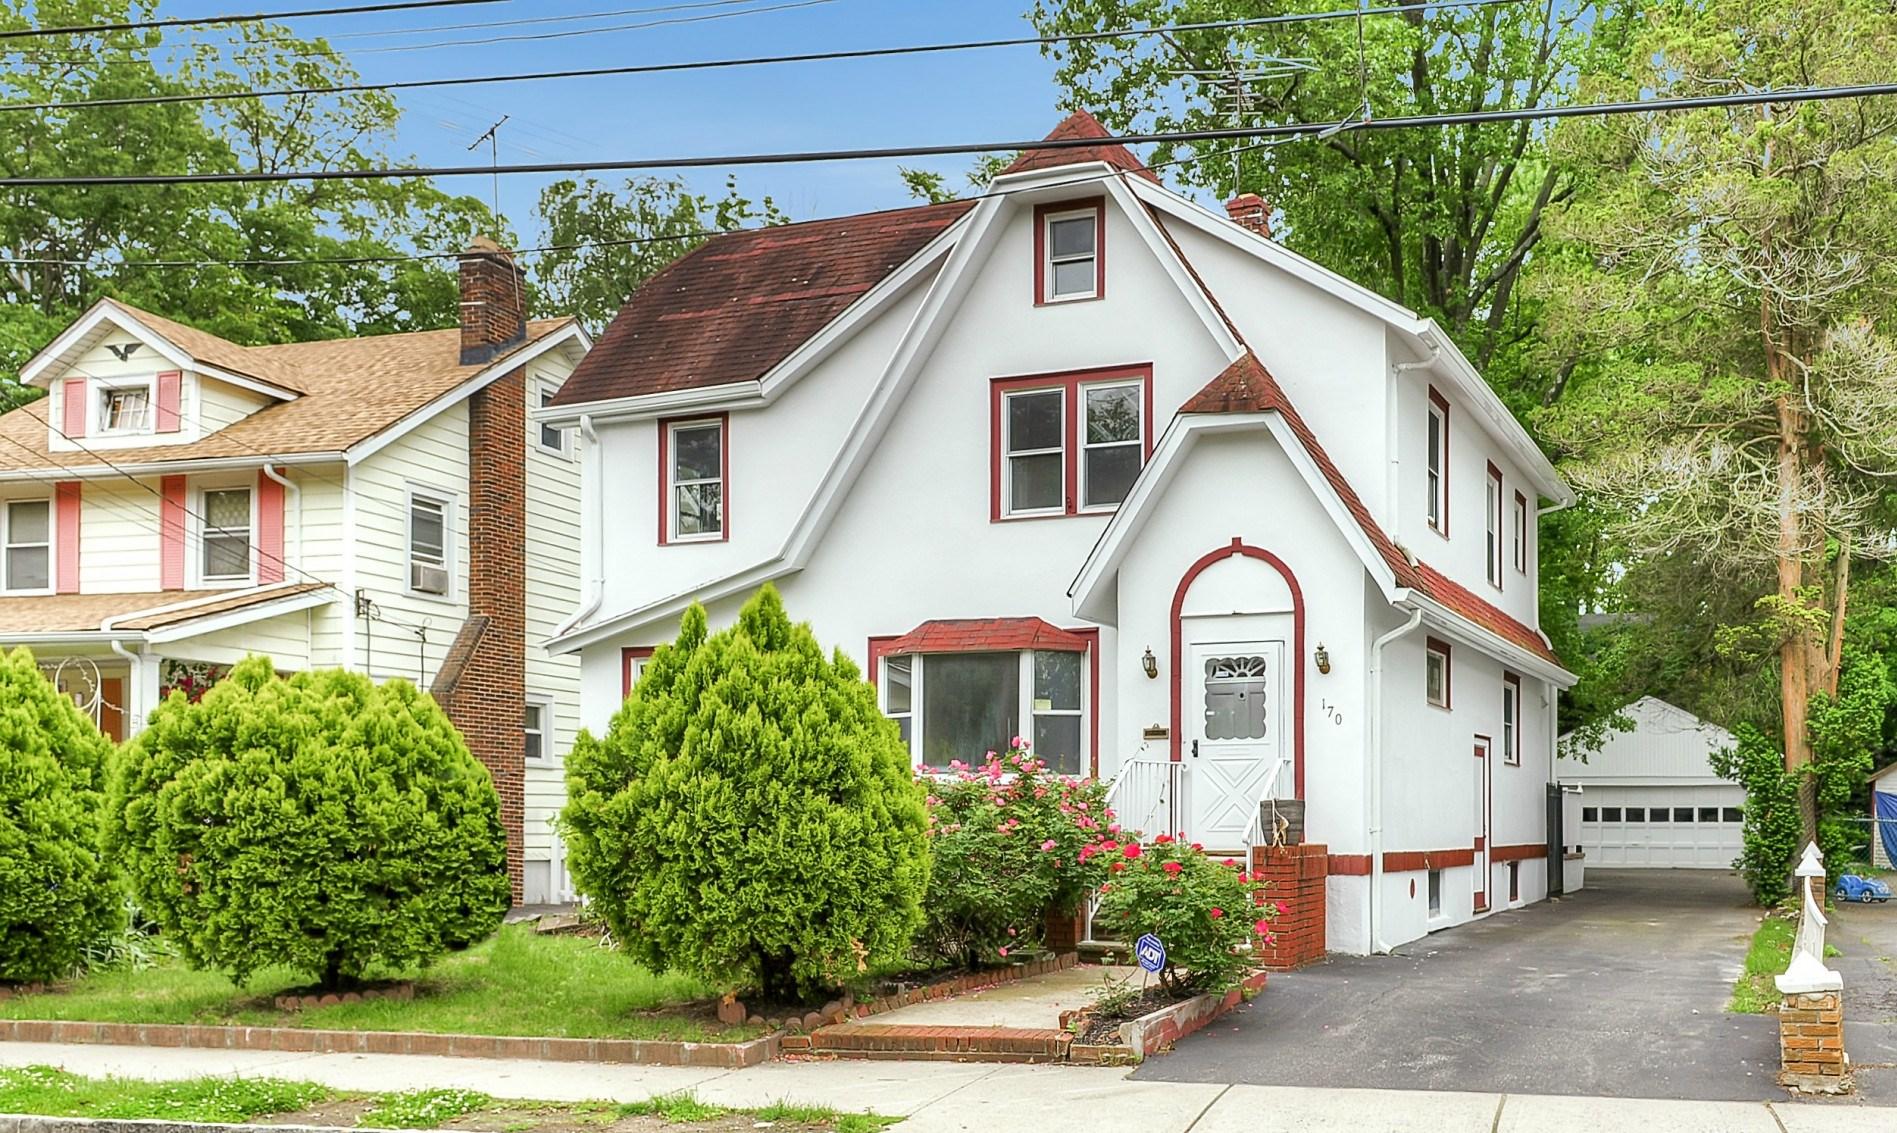 Частный односемейный дом для того Продажа на Updated Colonial 170 Jane St, Englewood, Нью-Джерси, 07631 Соединенные Штаты